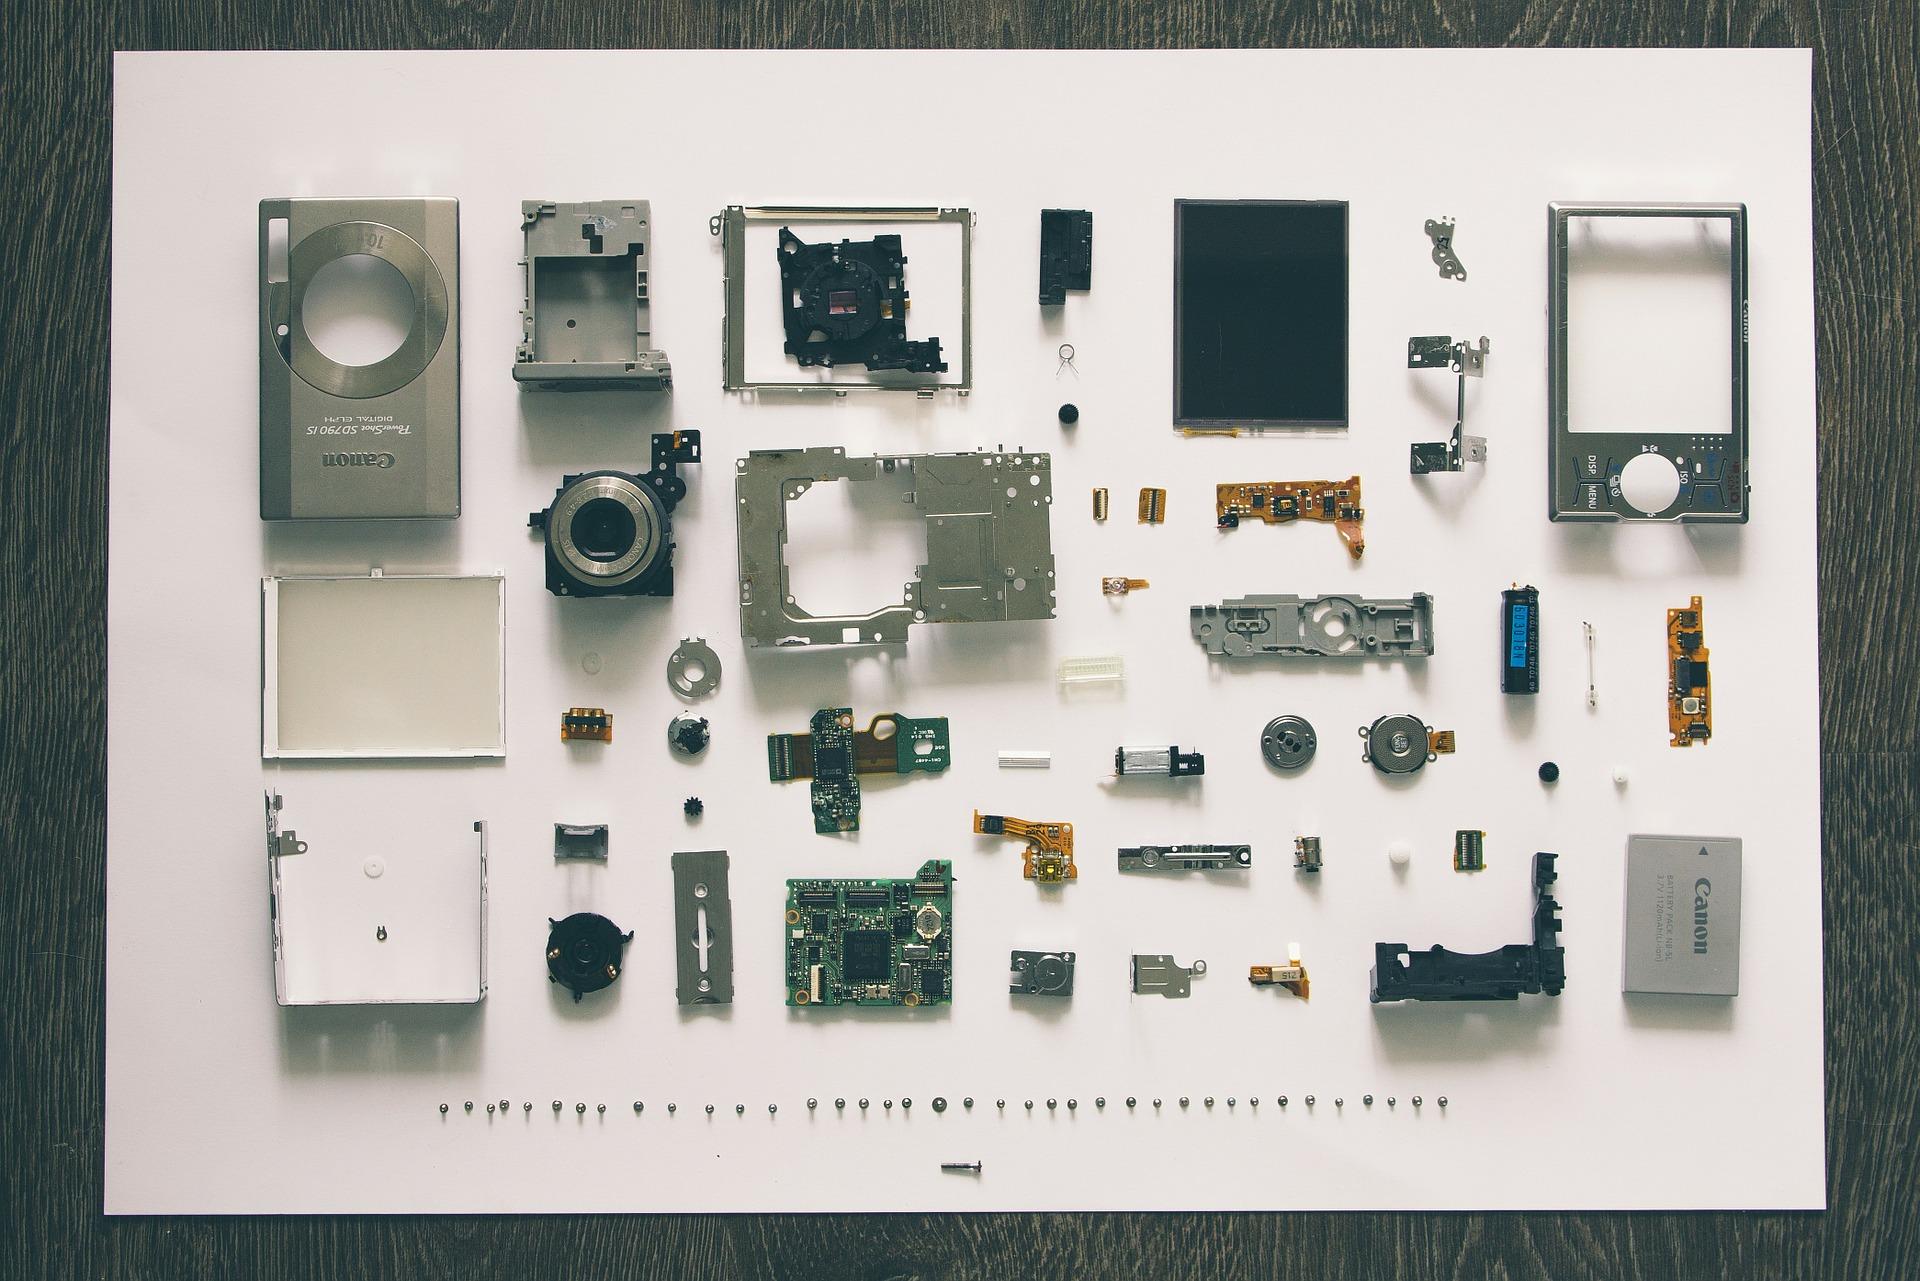 Negocio de componentes electrónicos y electrodomésticos